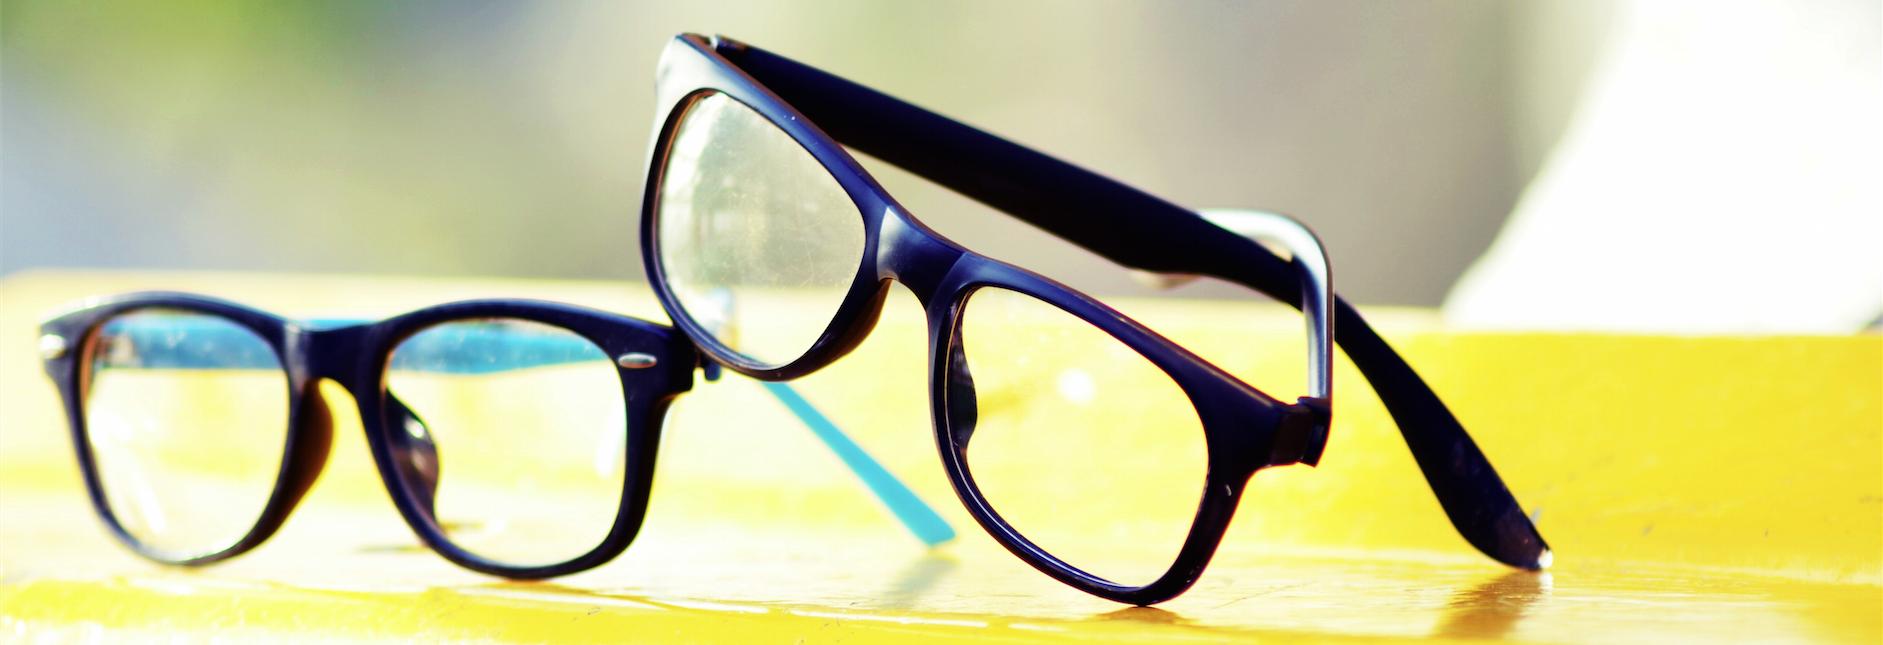 Akutelle Details und Beiträge. Mirabell Optik über Trends